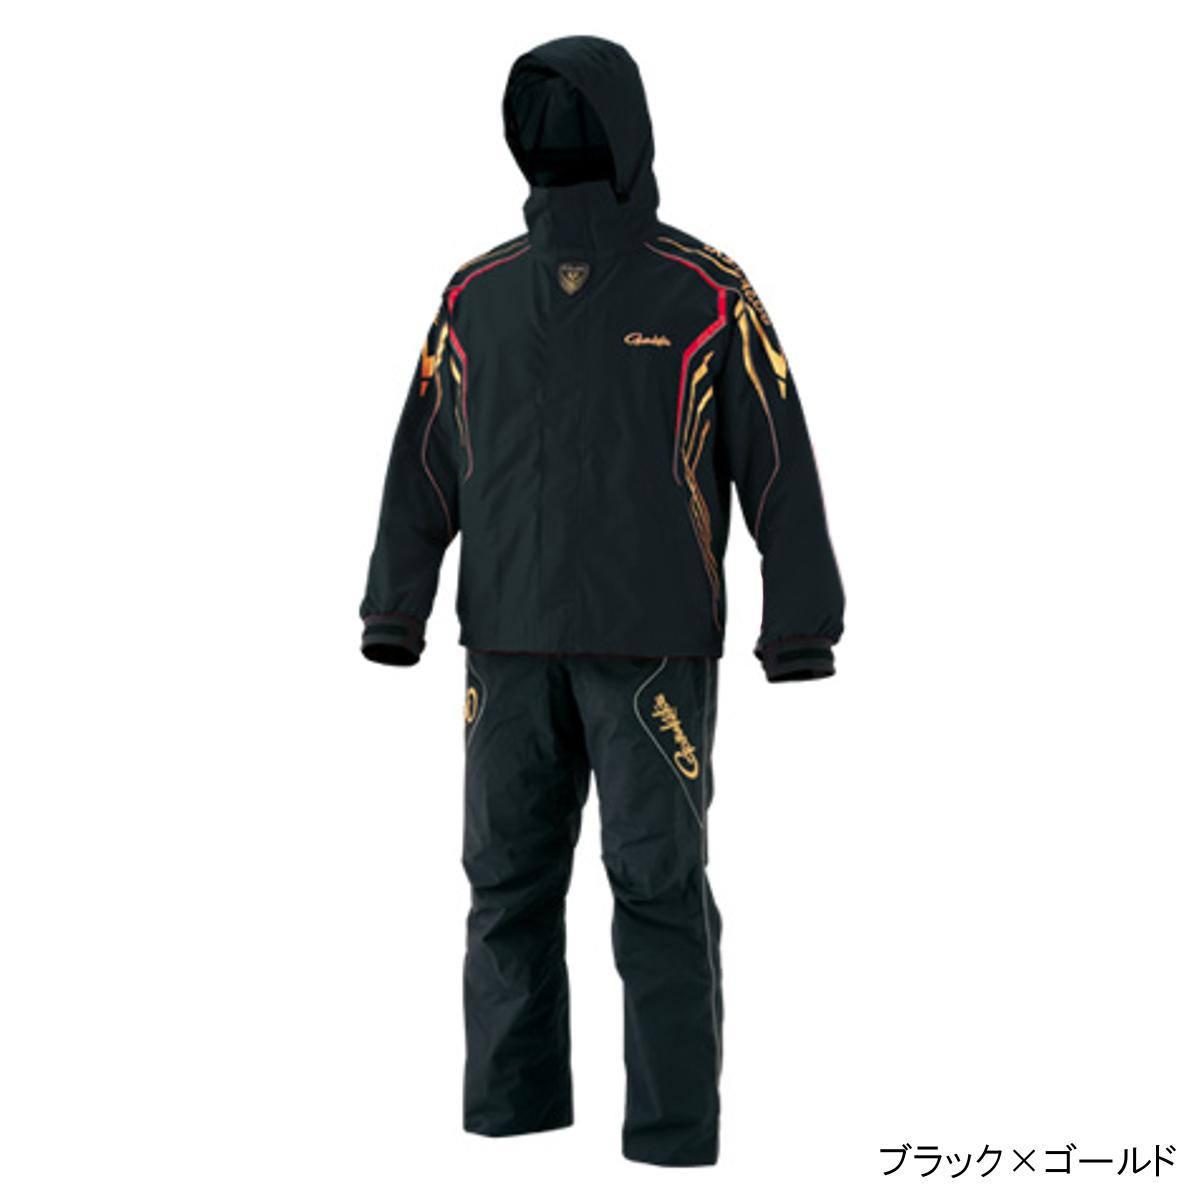 ゴアテックス レインスーツ GM-3500 LL ブラック×ゴールド【送料無料】